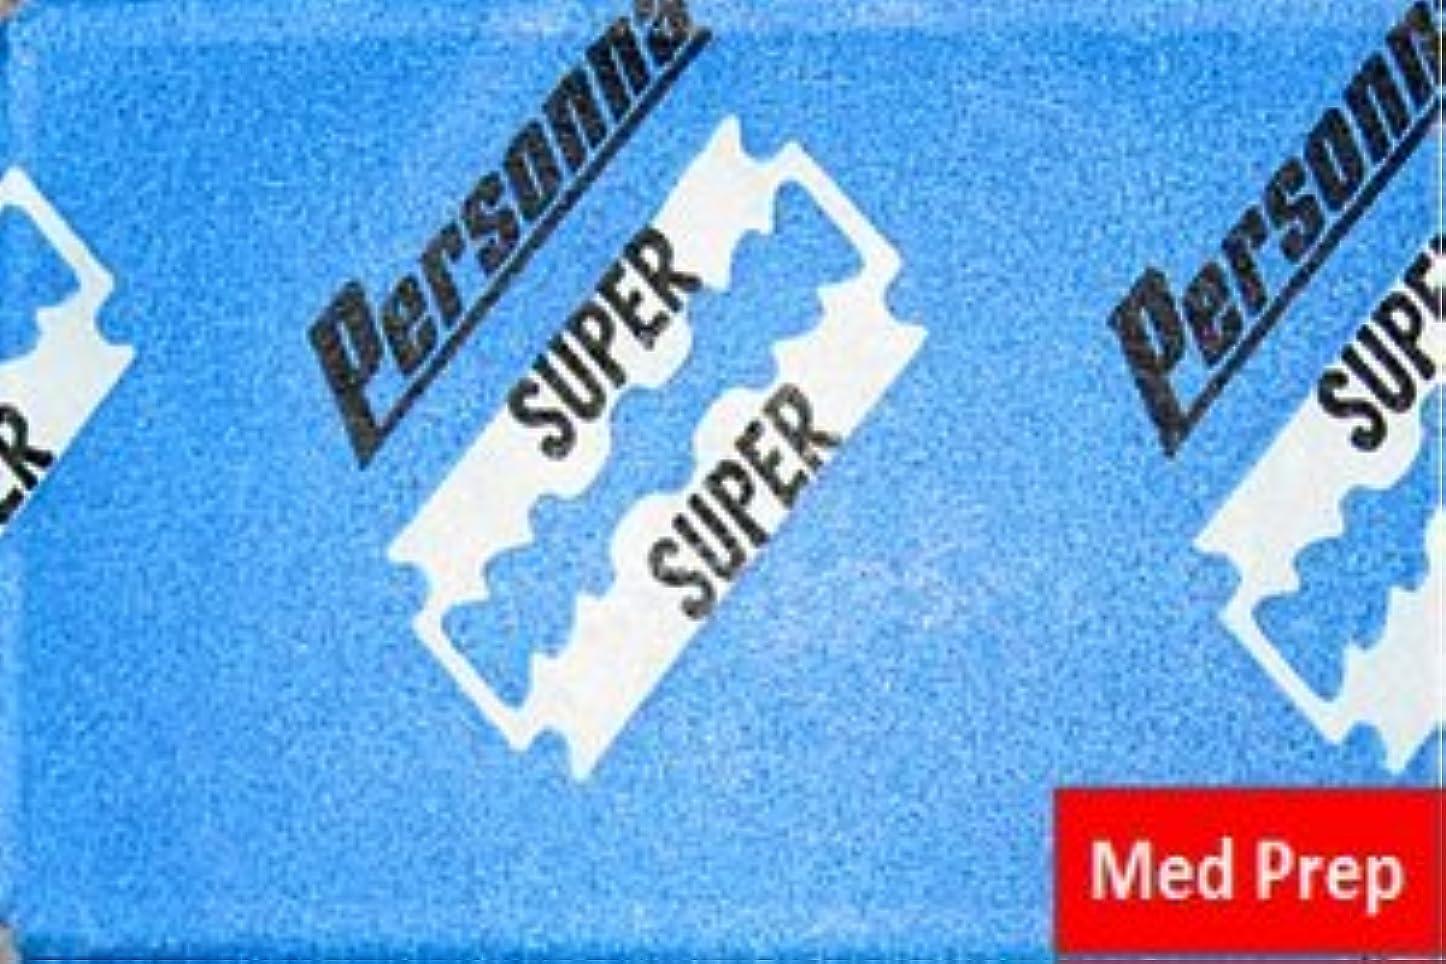 残酷な未亡人ソーセージPersonna Med Prep 両刃替刃 5枚入り(5枚入り1 個セット)【並行輸入品】